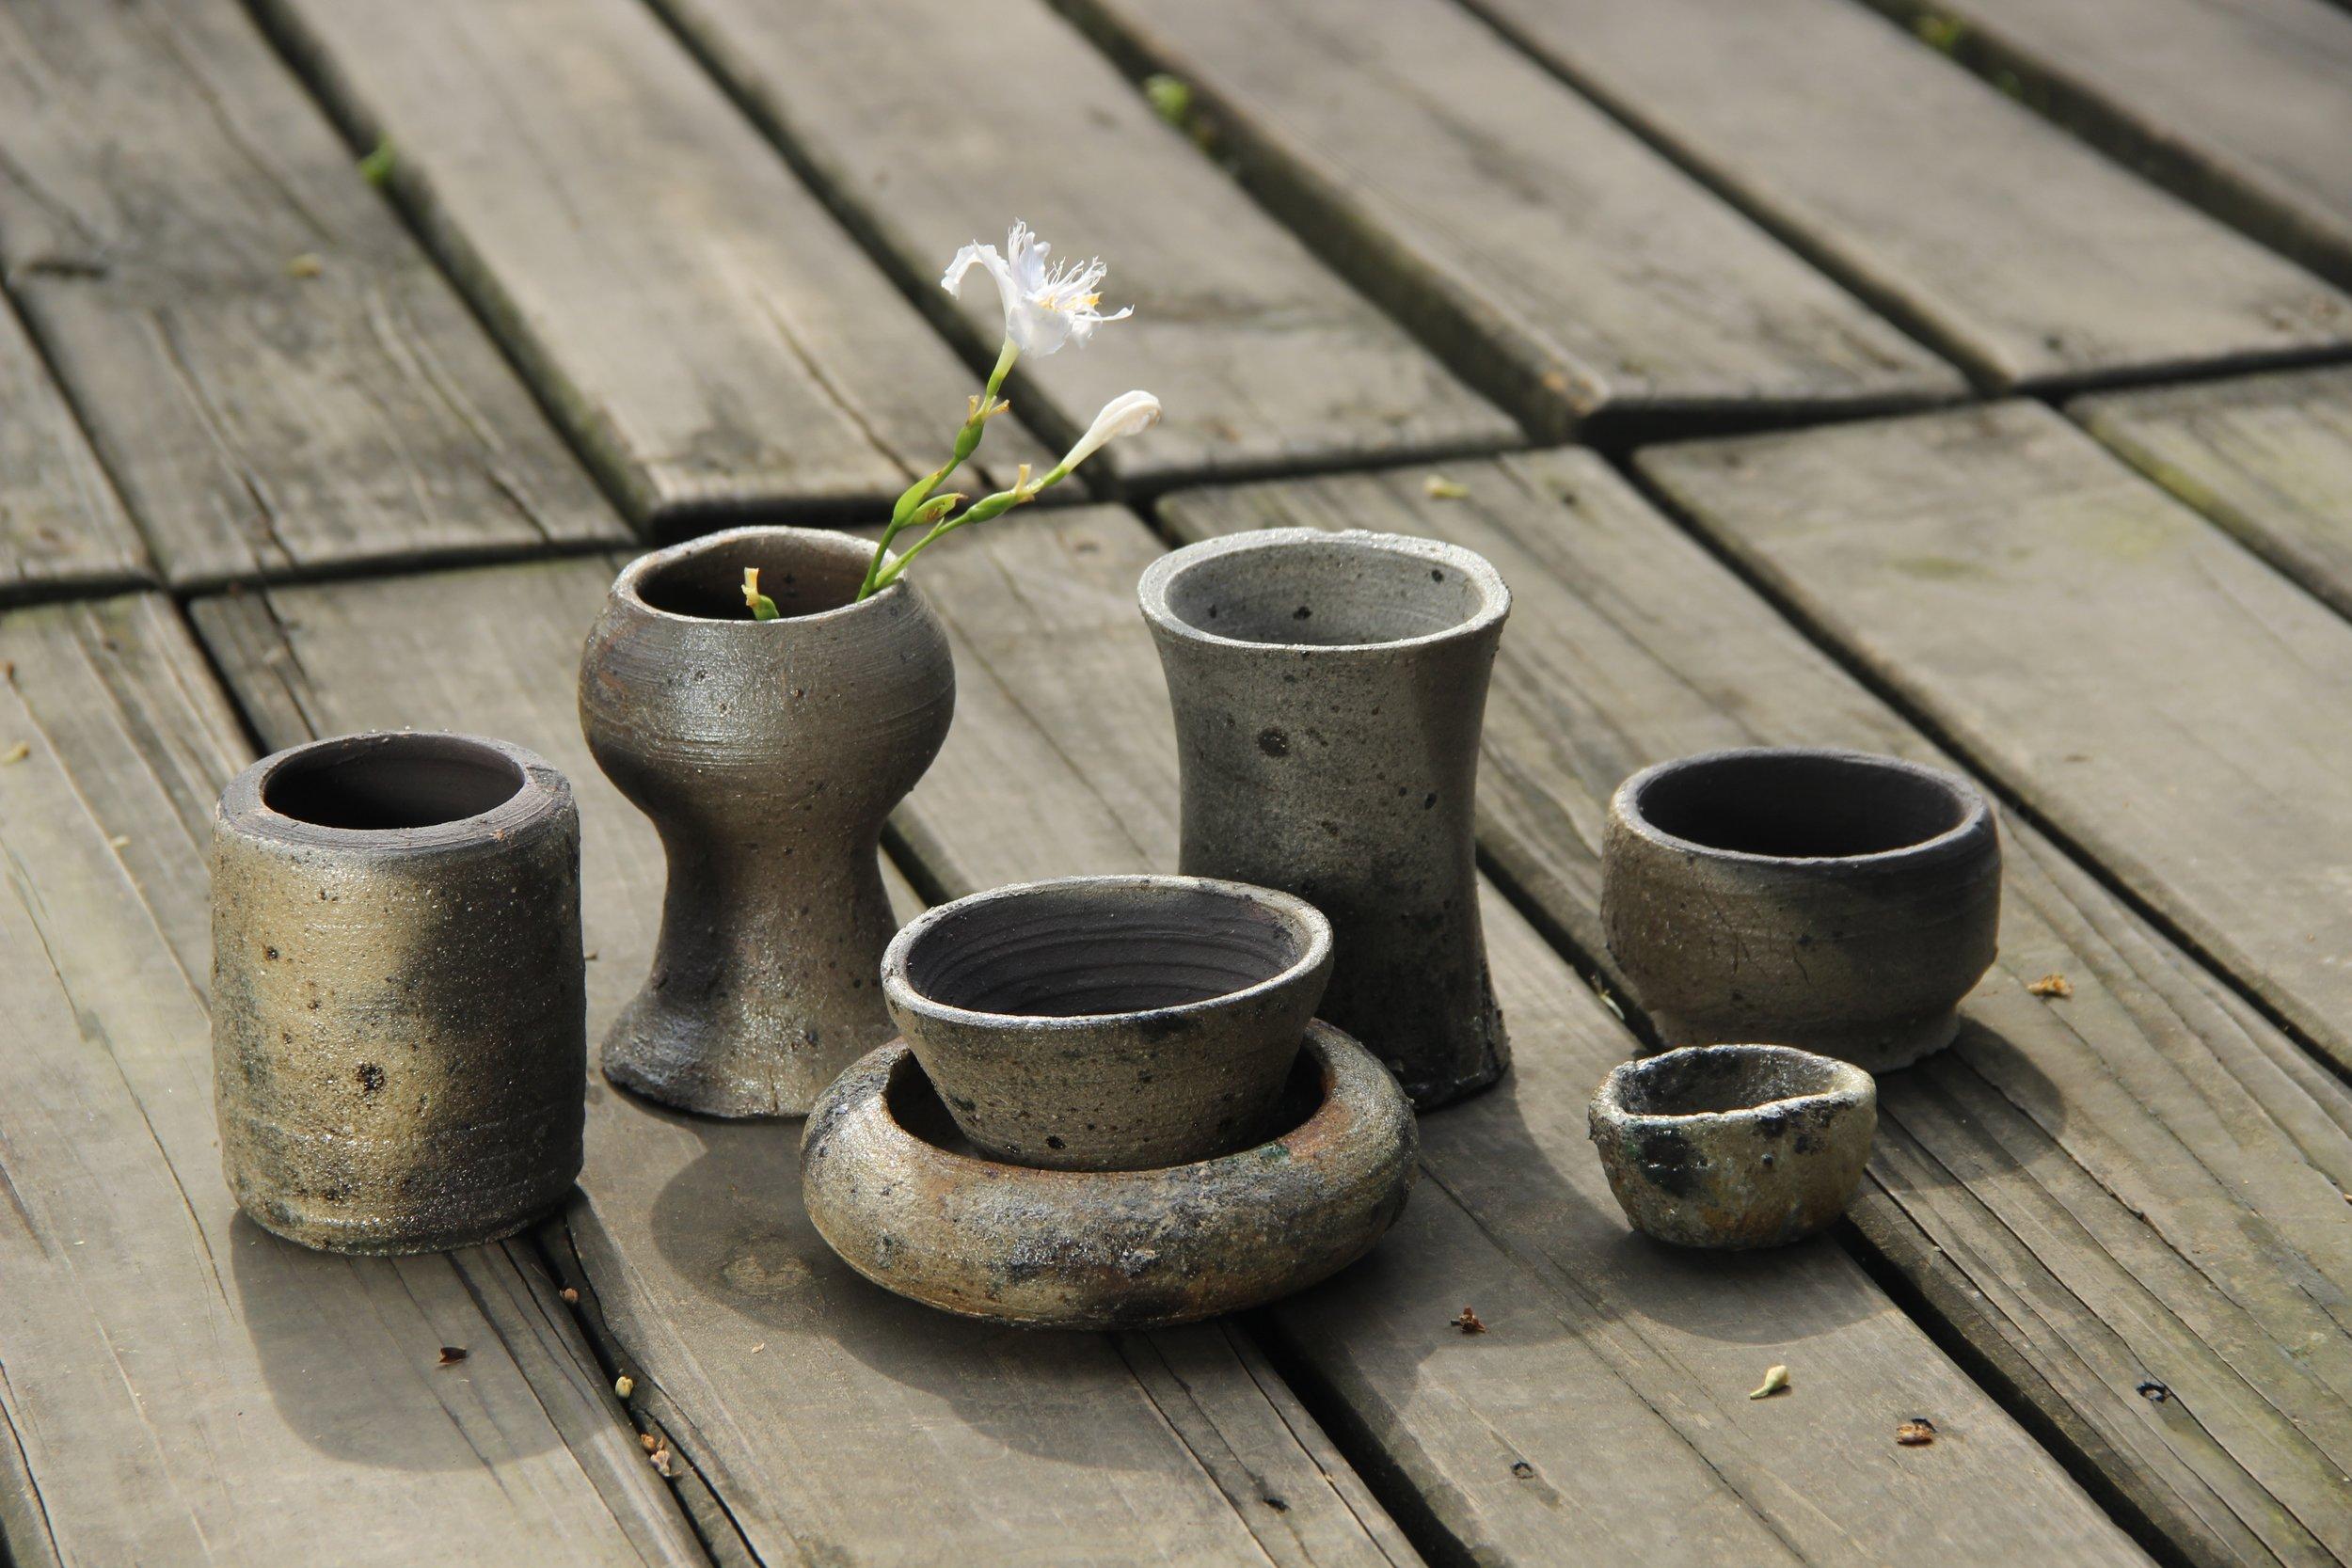 clay-pots-1594582.jpg